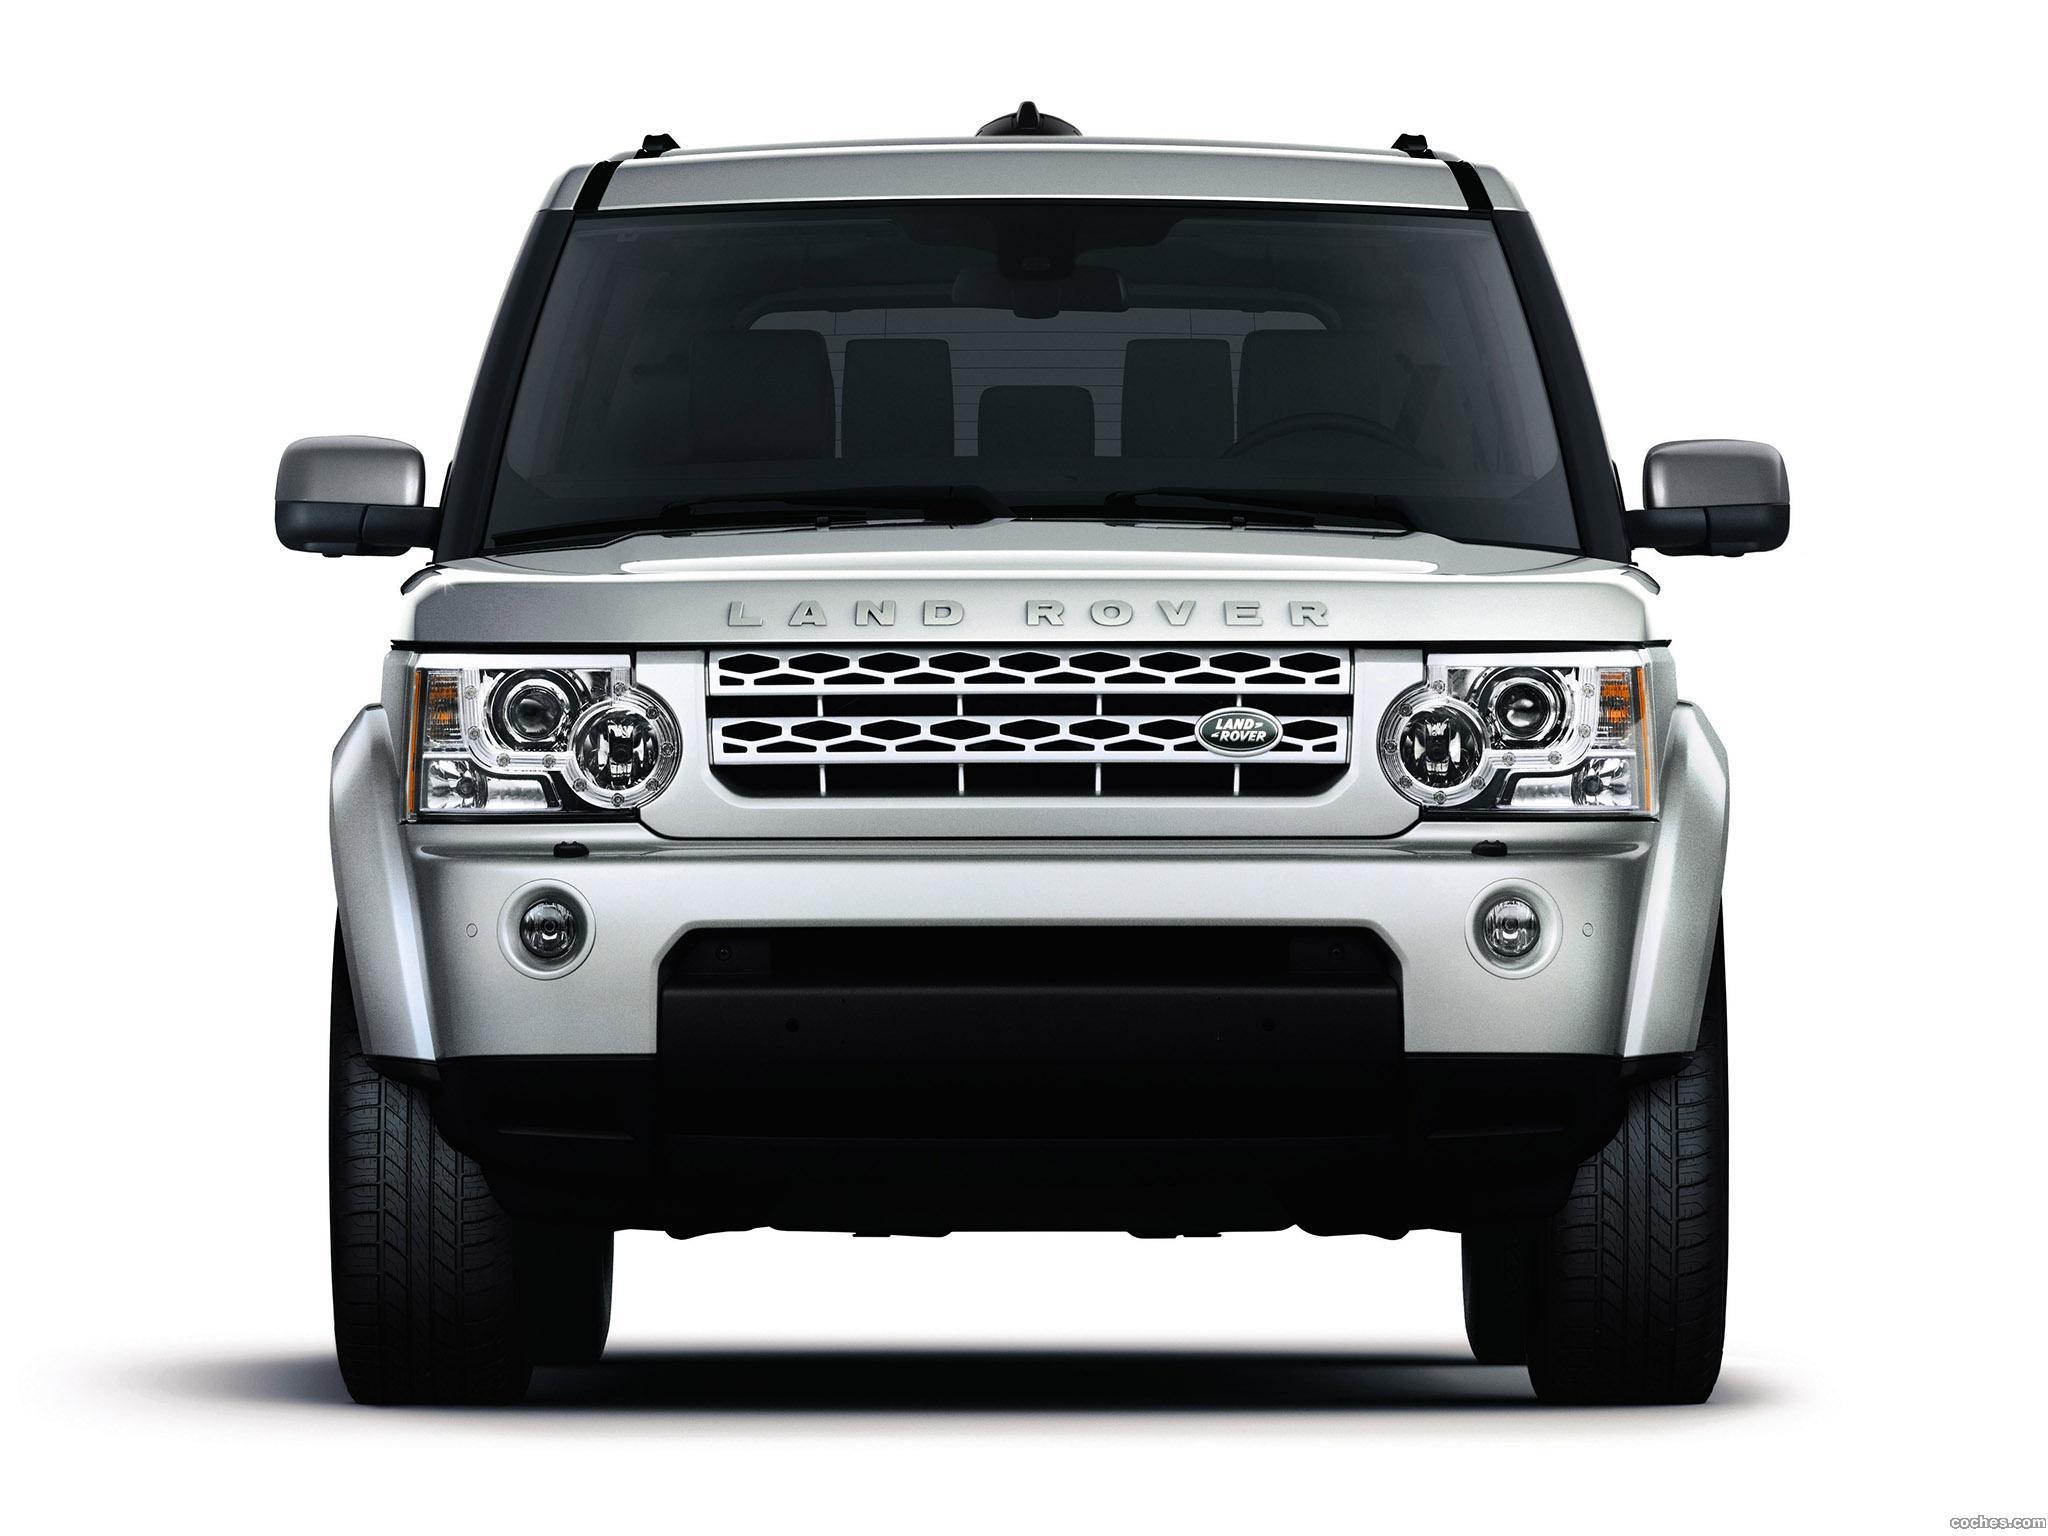 Foto 2 de Land Rover Discovery 4 2011